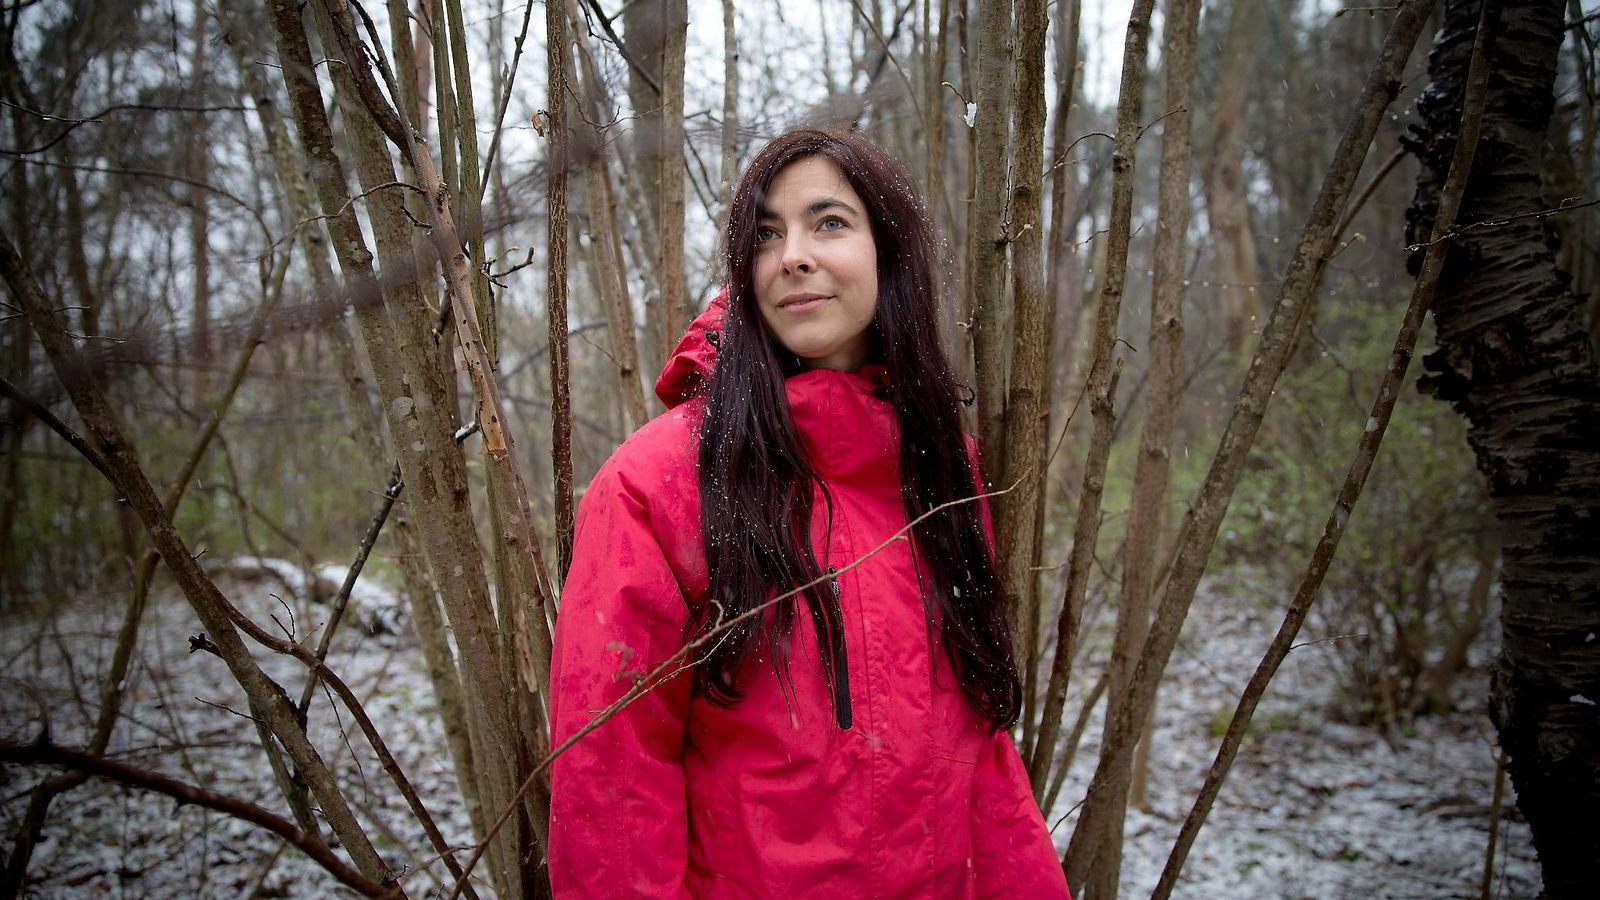 Ifølge DNs anmelder byr Lajla Rolstad på fine innsikter i boken «Ulveøya». Foto: Terje Bringedal, NTB Scanpix